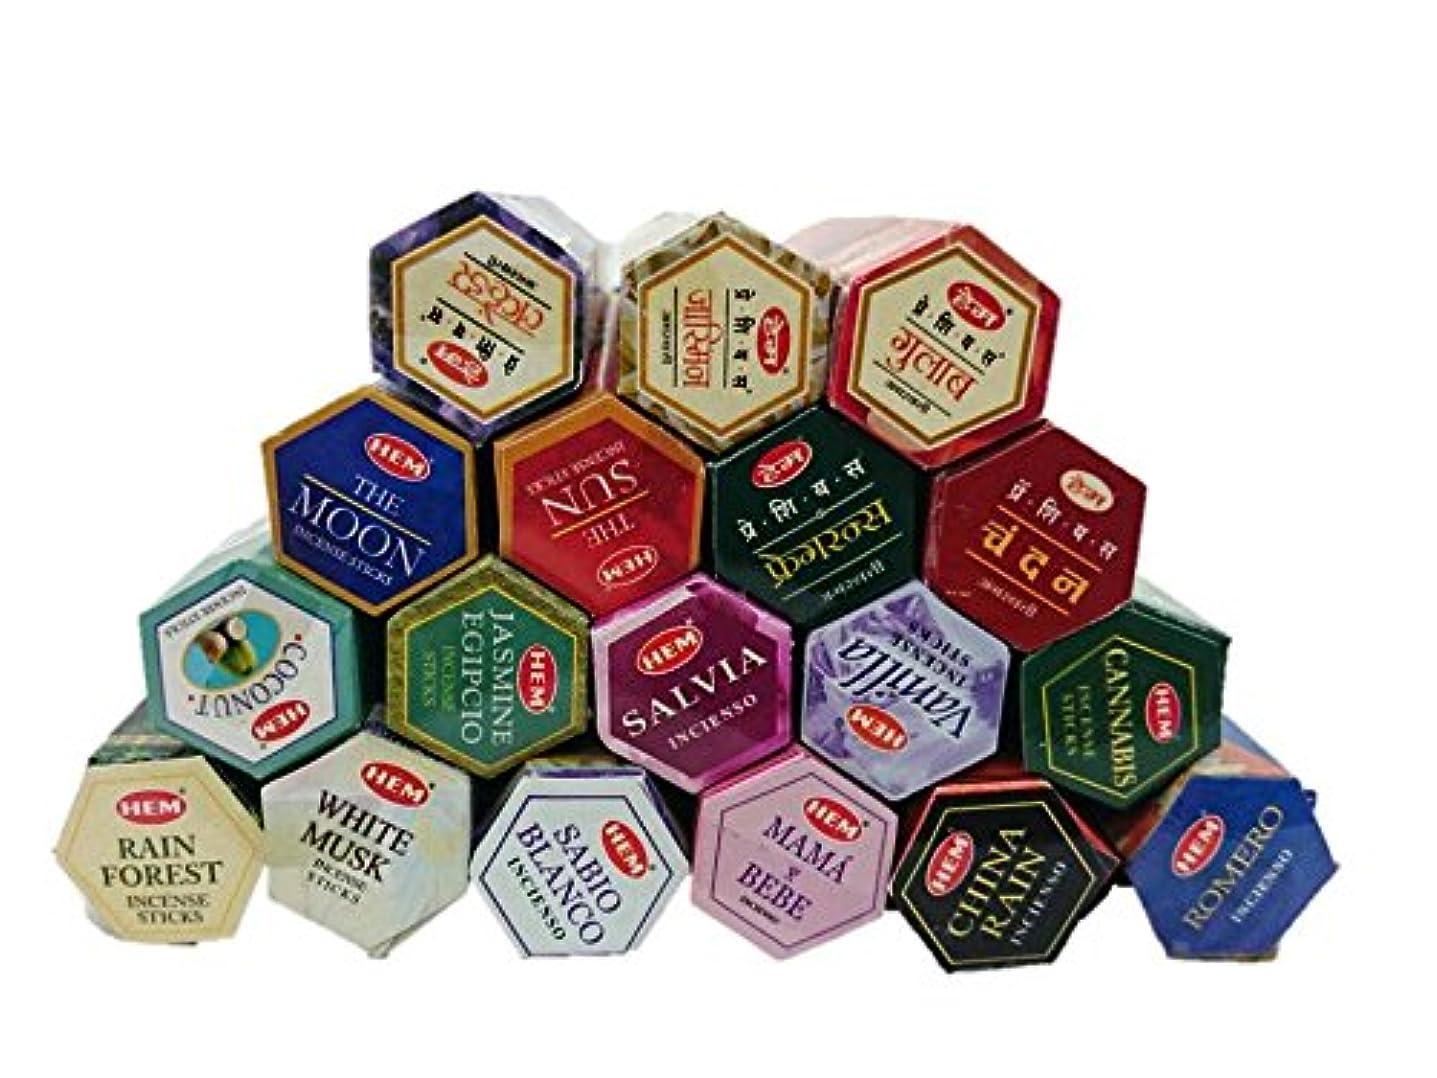 抽象先に規範インドのお香HEM ロングスティックお香 六角香 ヘキサパック お得18点セット アジアン雑貨 チャンダンお香